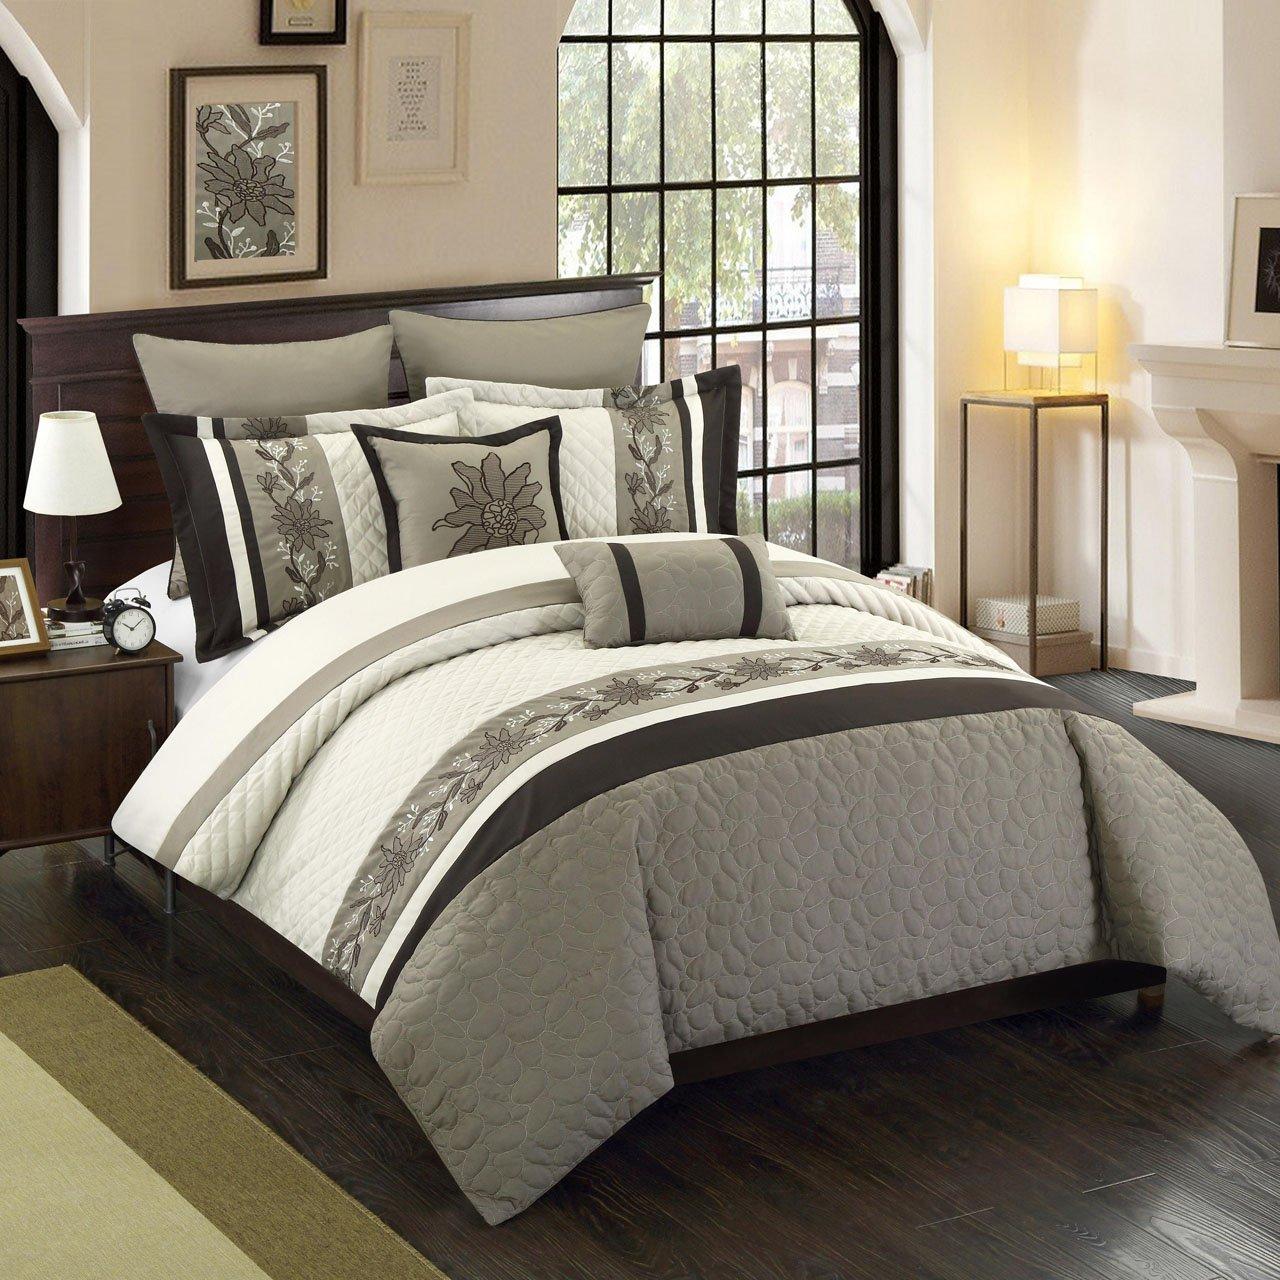 8 Piece King Antwerpen Beige/Taupe/Coffee Comforter Set